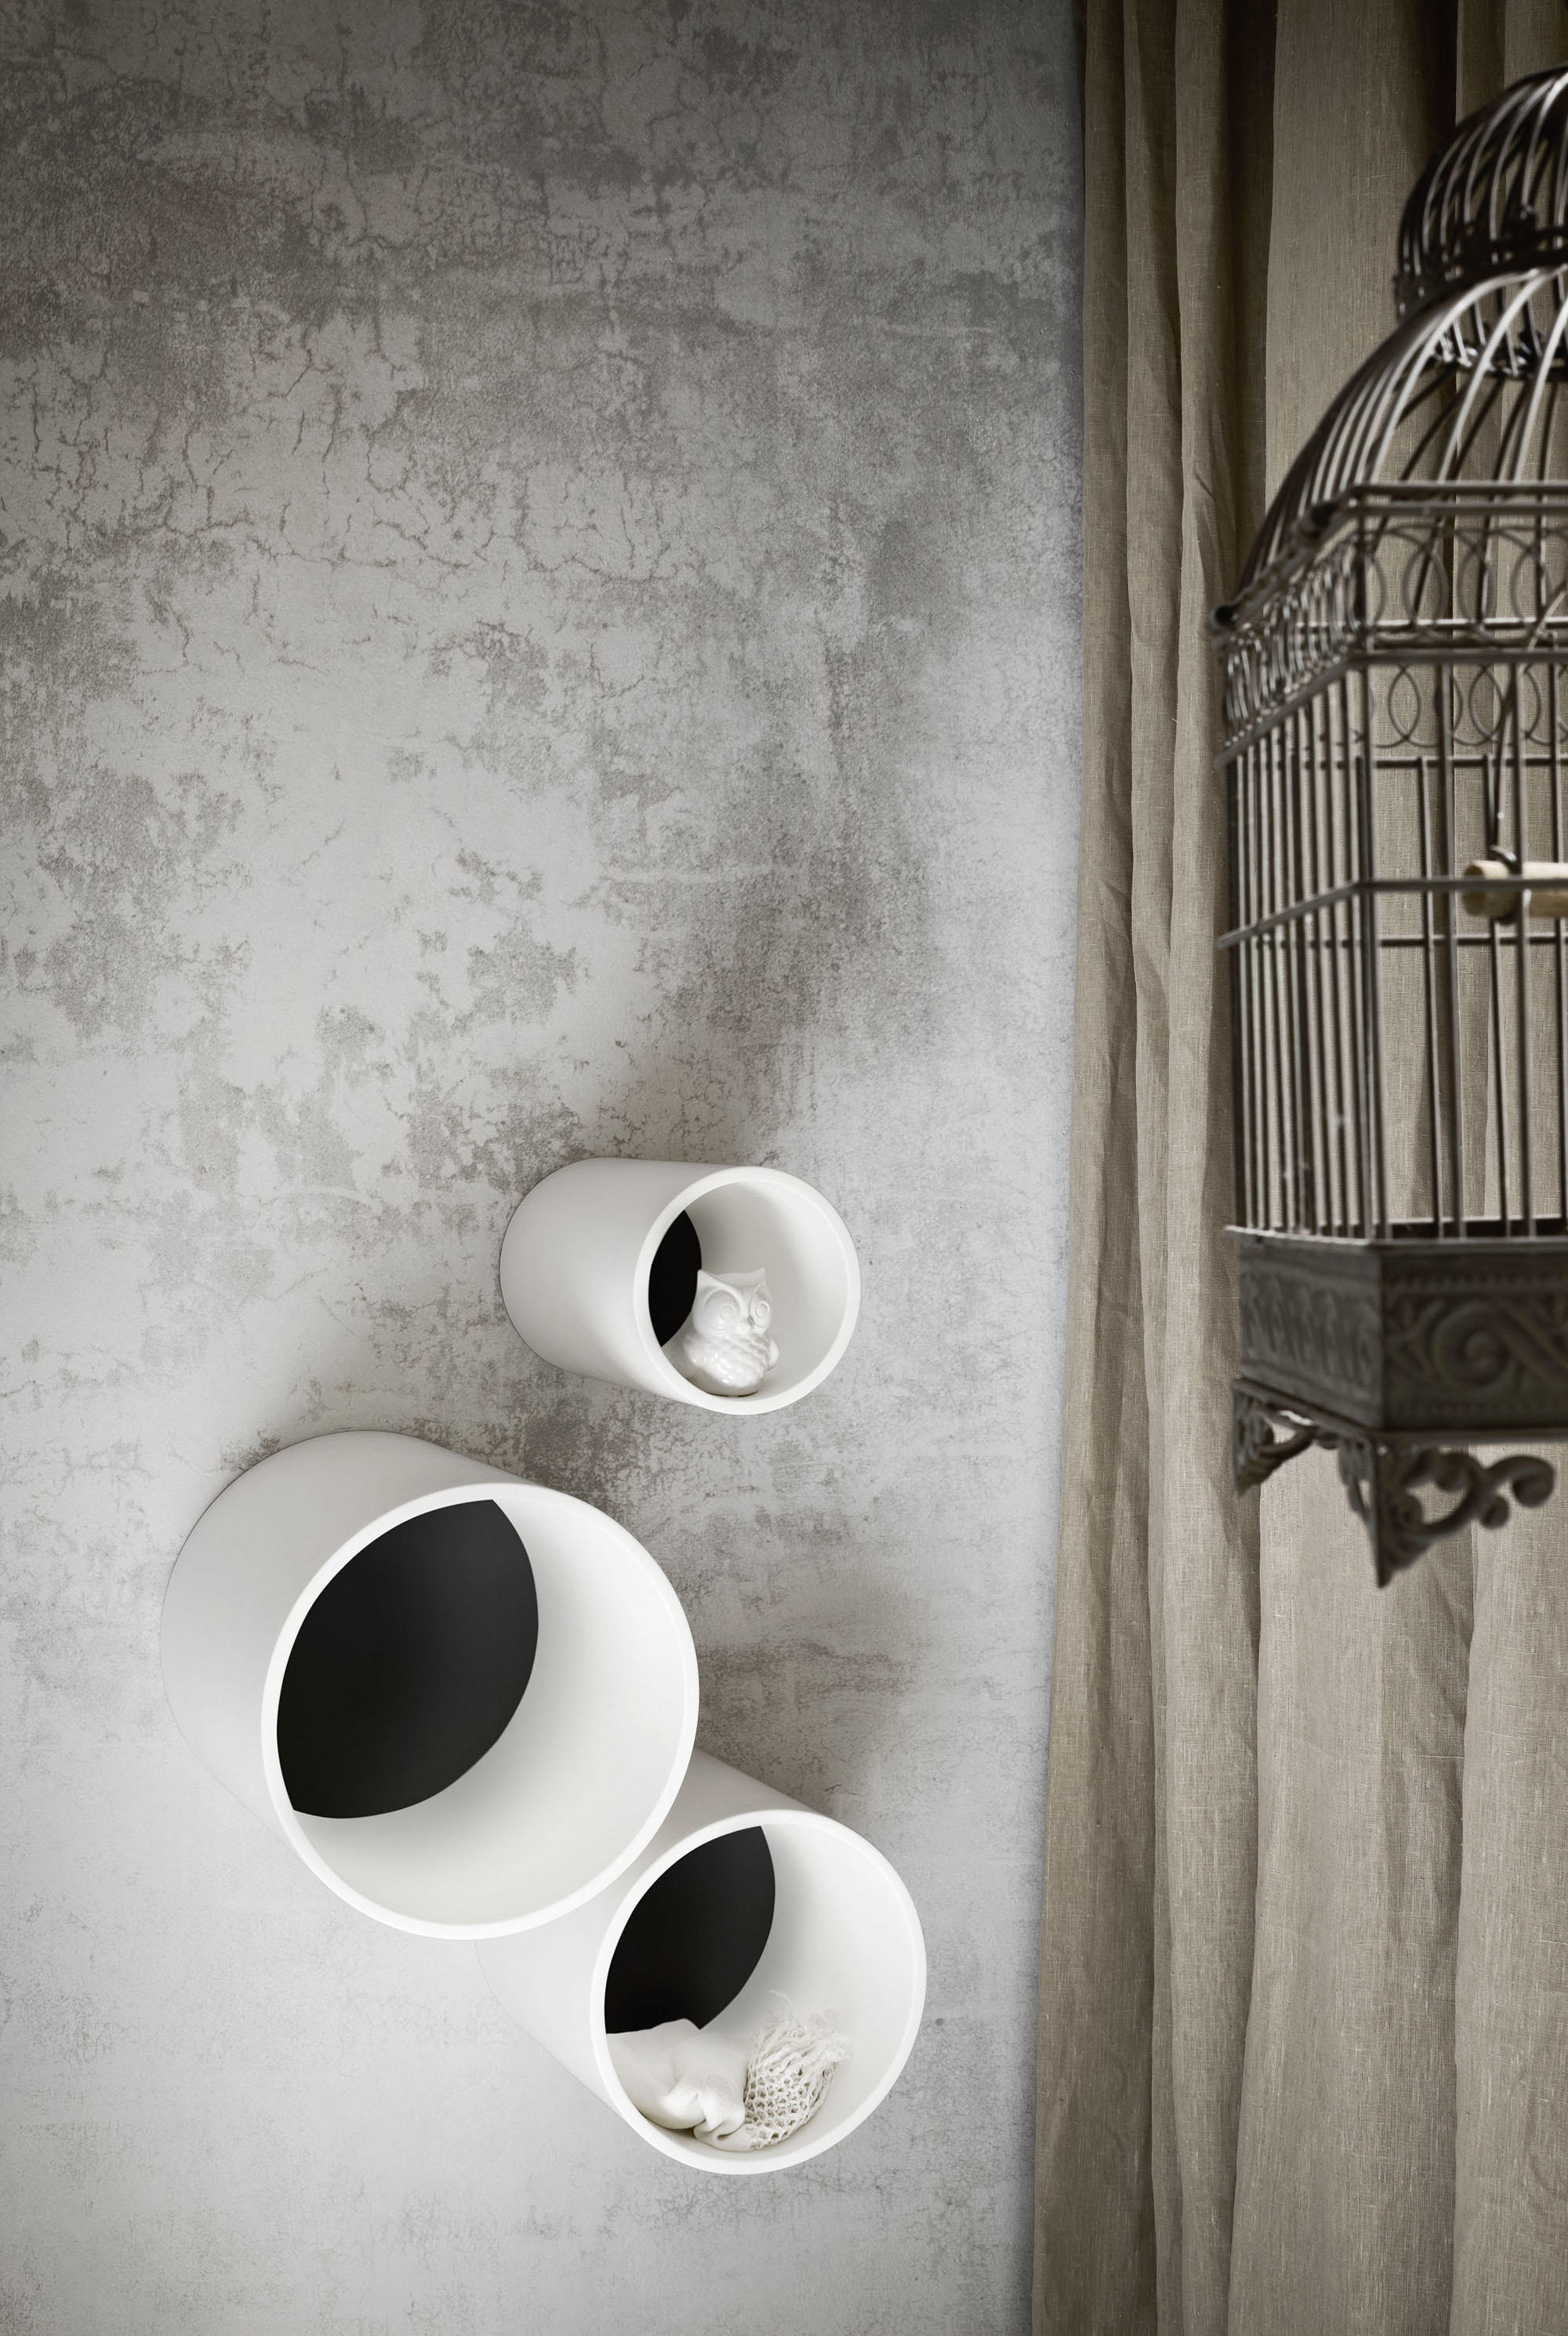 Pensile hole mensole bagno rexa design architonic for Mensole bagno design